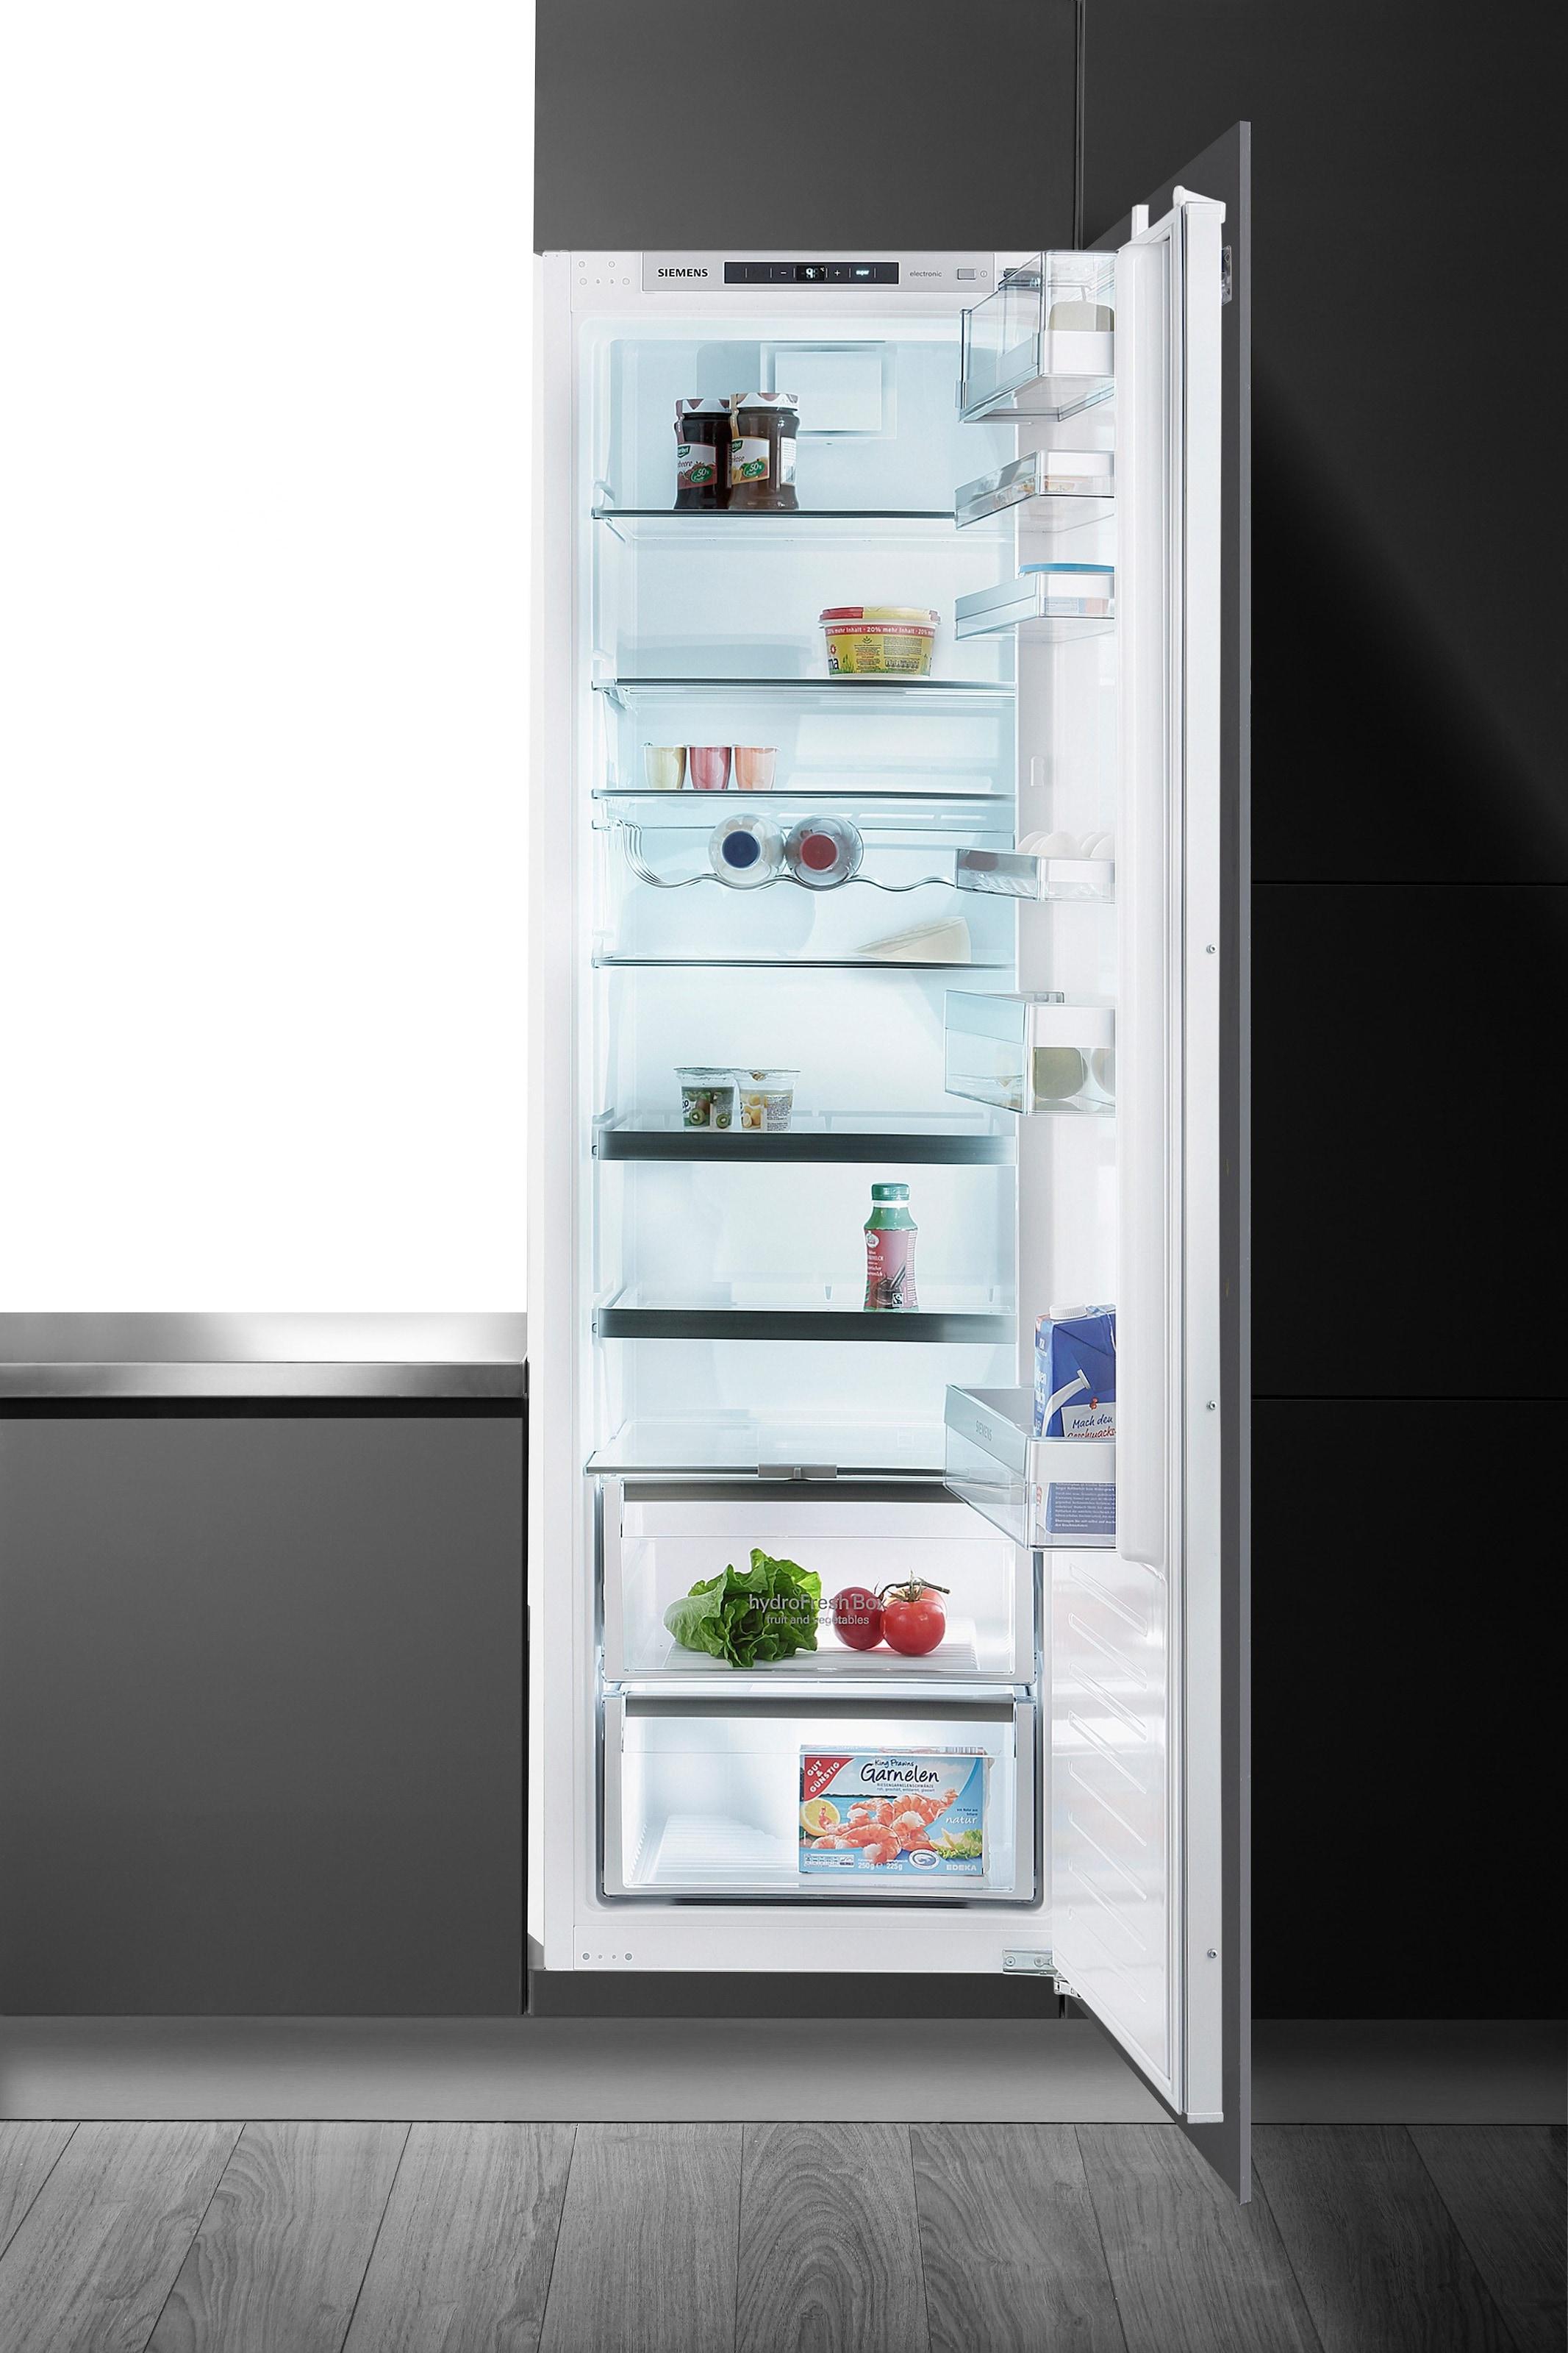 Siemens Kühlschrank Liegend Transportieren : Siemens einbaukühlschrank cm hoch cm breit online